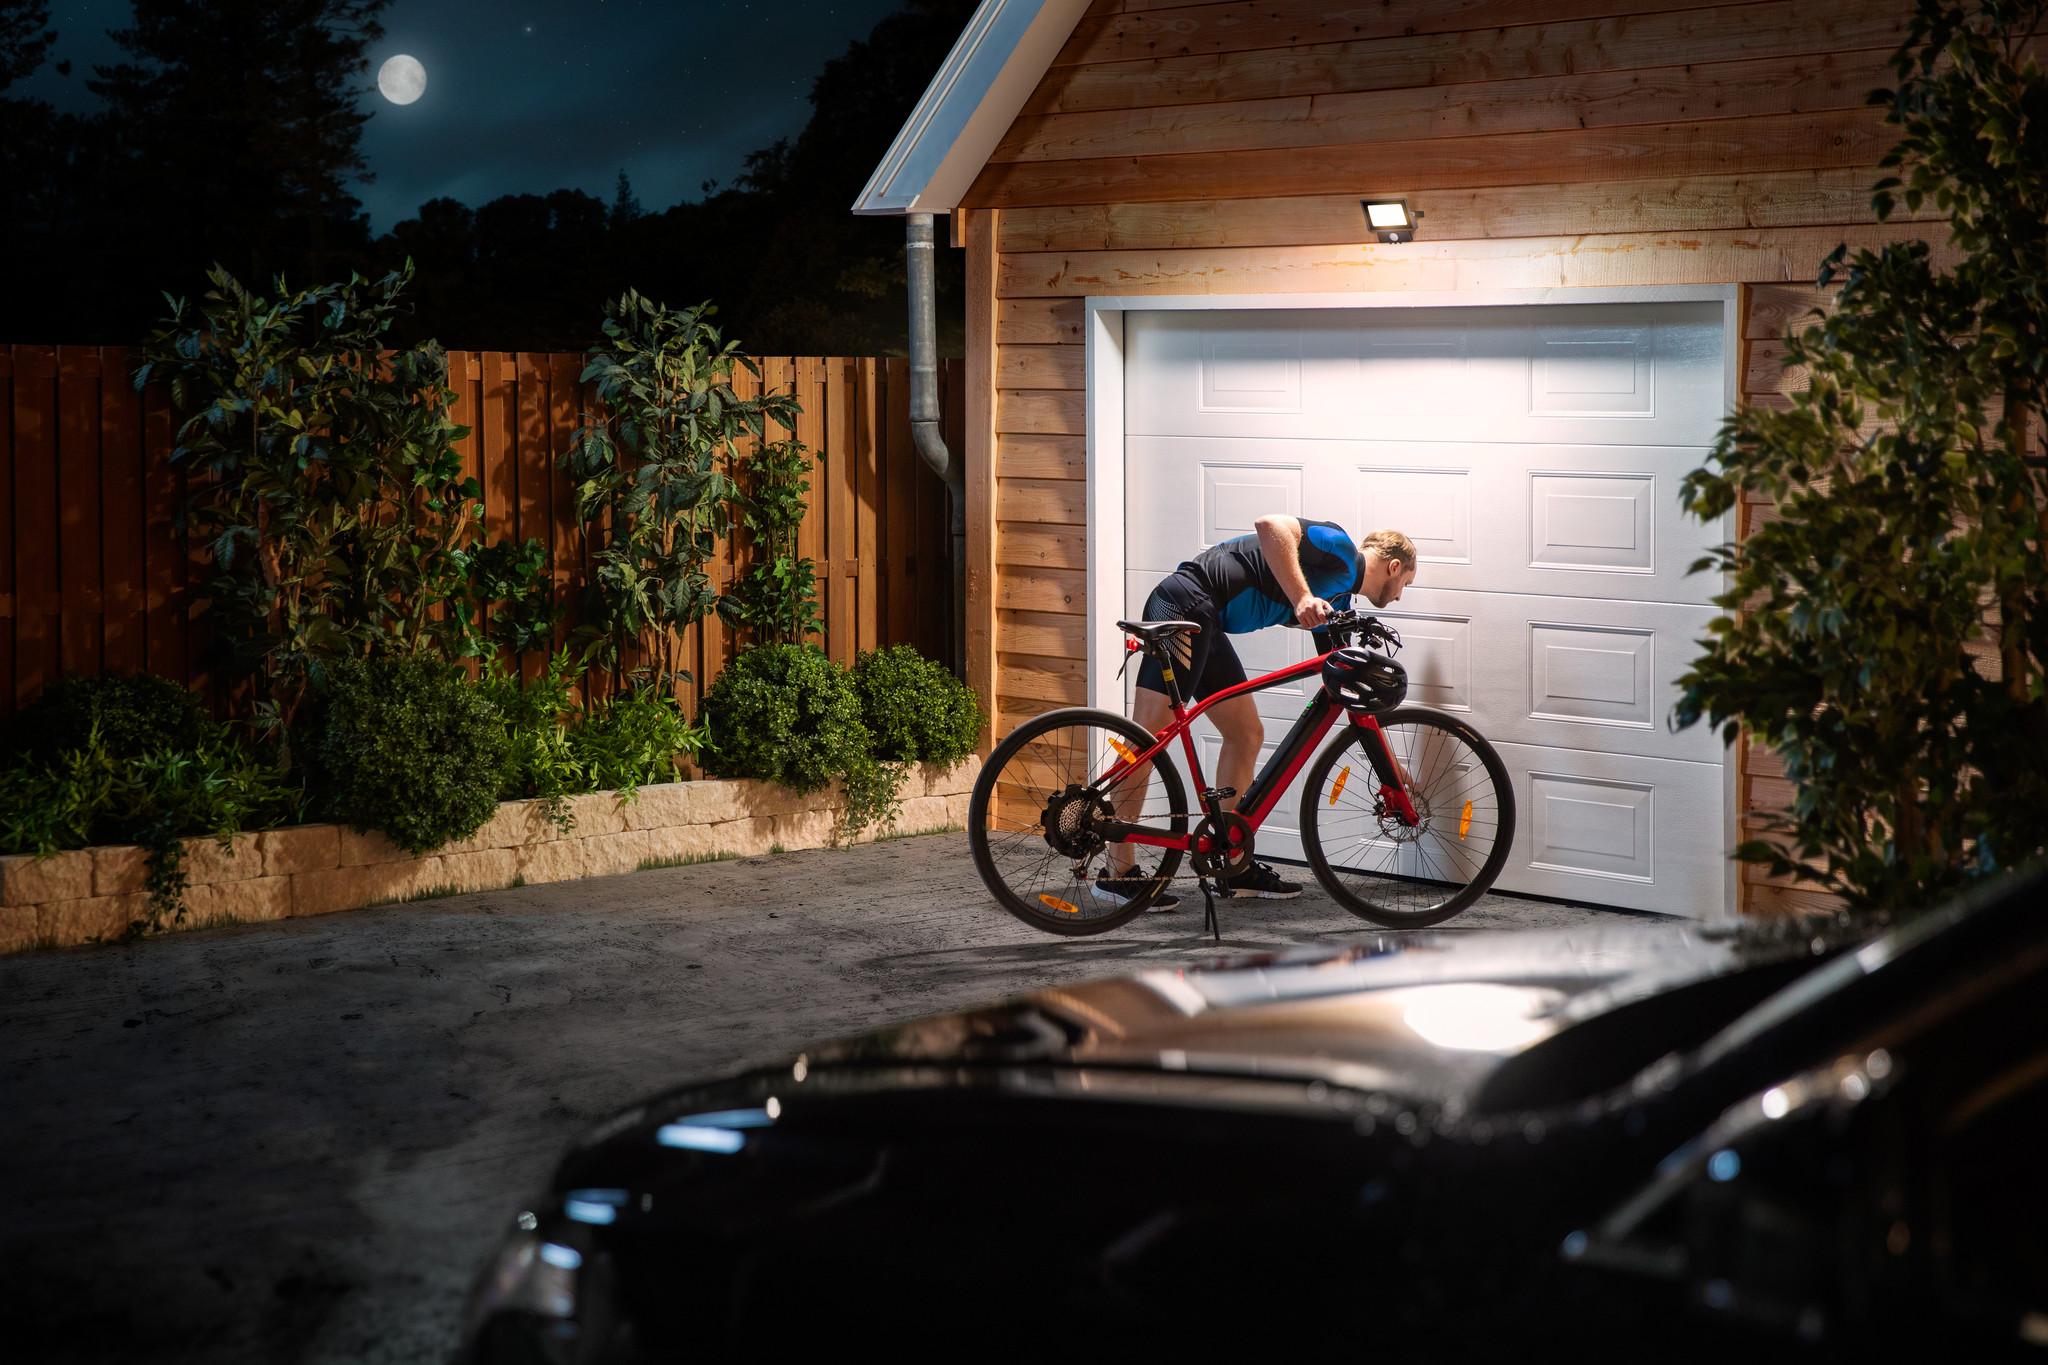 Voel je veilig met een mooi en goed verlichte tuin of oprit.  Deze functionele Philips LED-straler heeft een uitzonderlijk slank ontwerp en is uiterst geschikt voor het krachtig en helder verlichten van uw oprit of tuin. Bestand tegen alle weersomstandigh